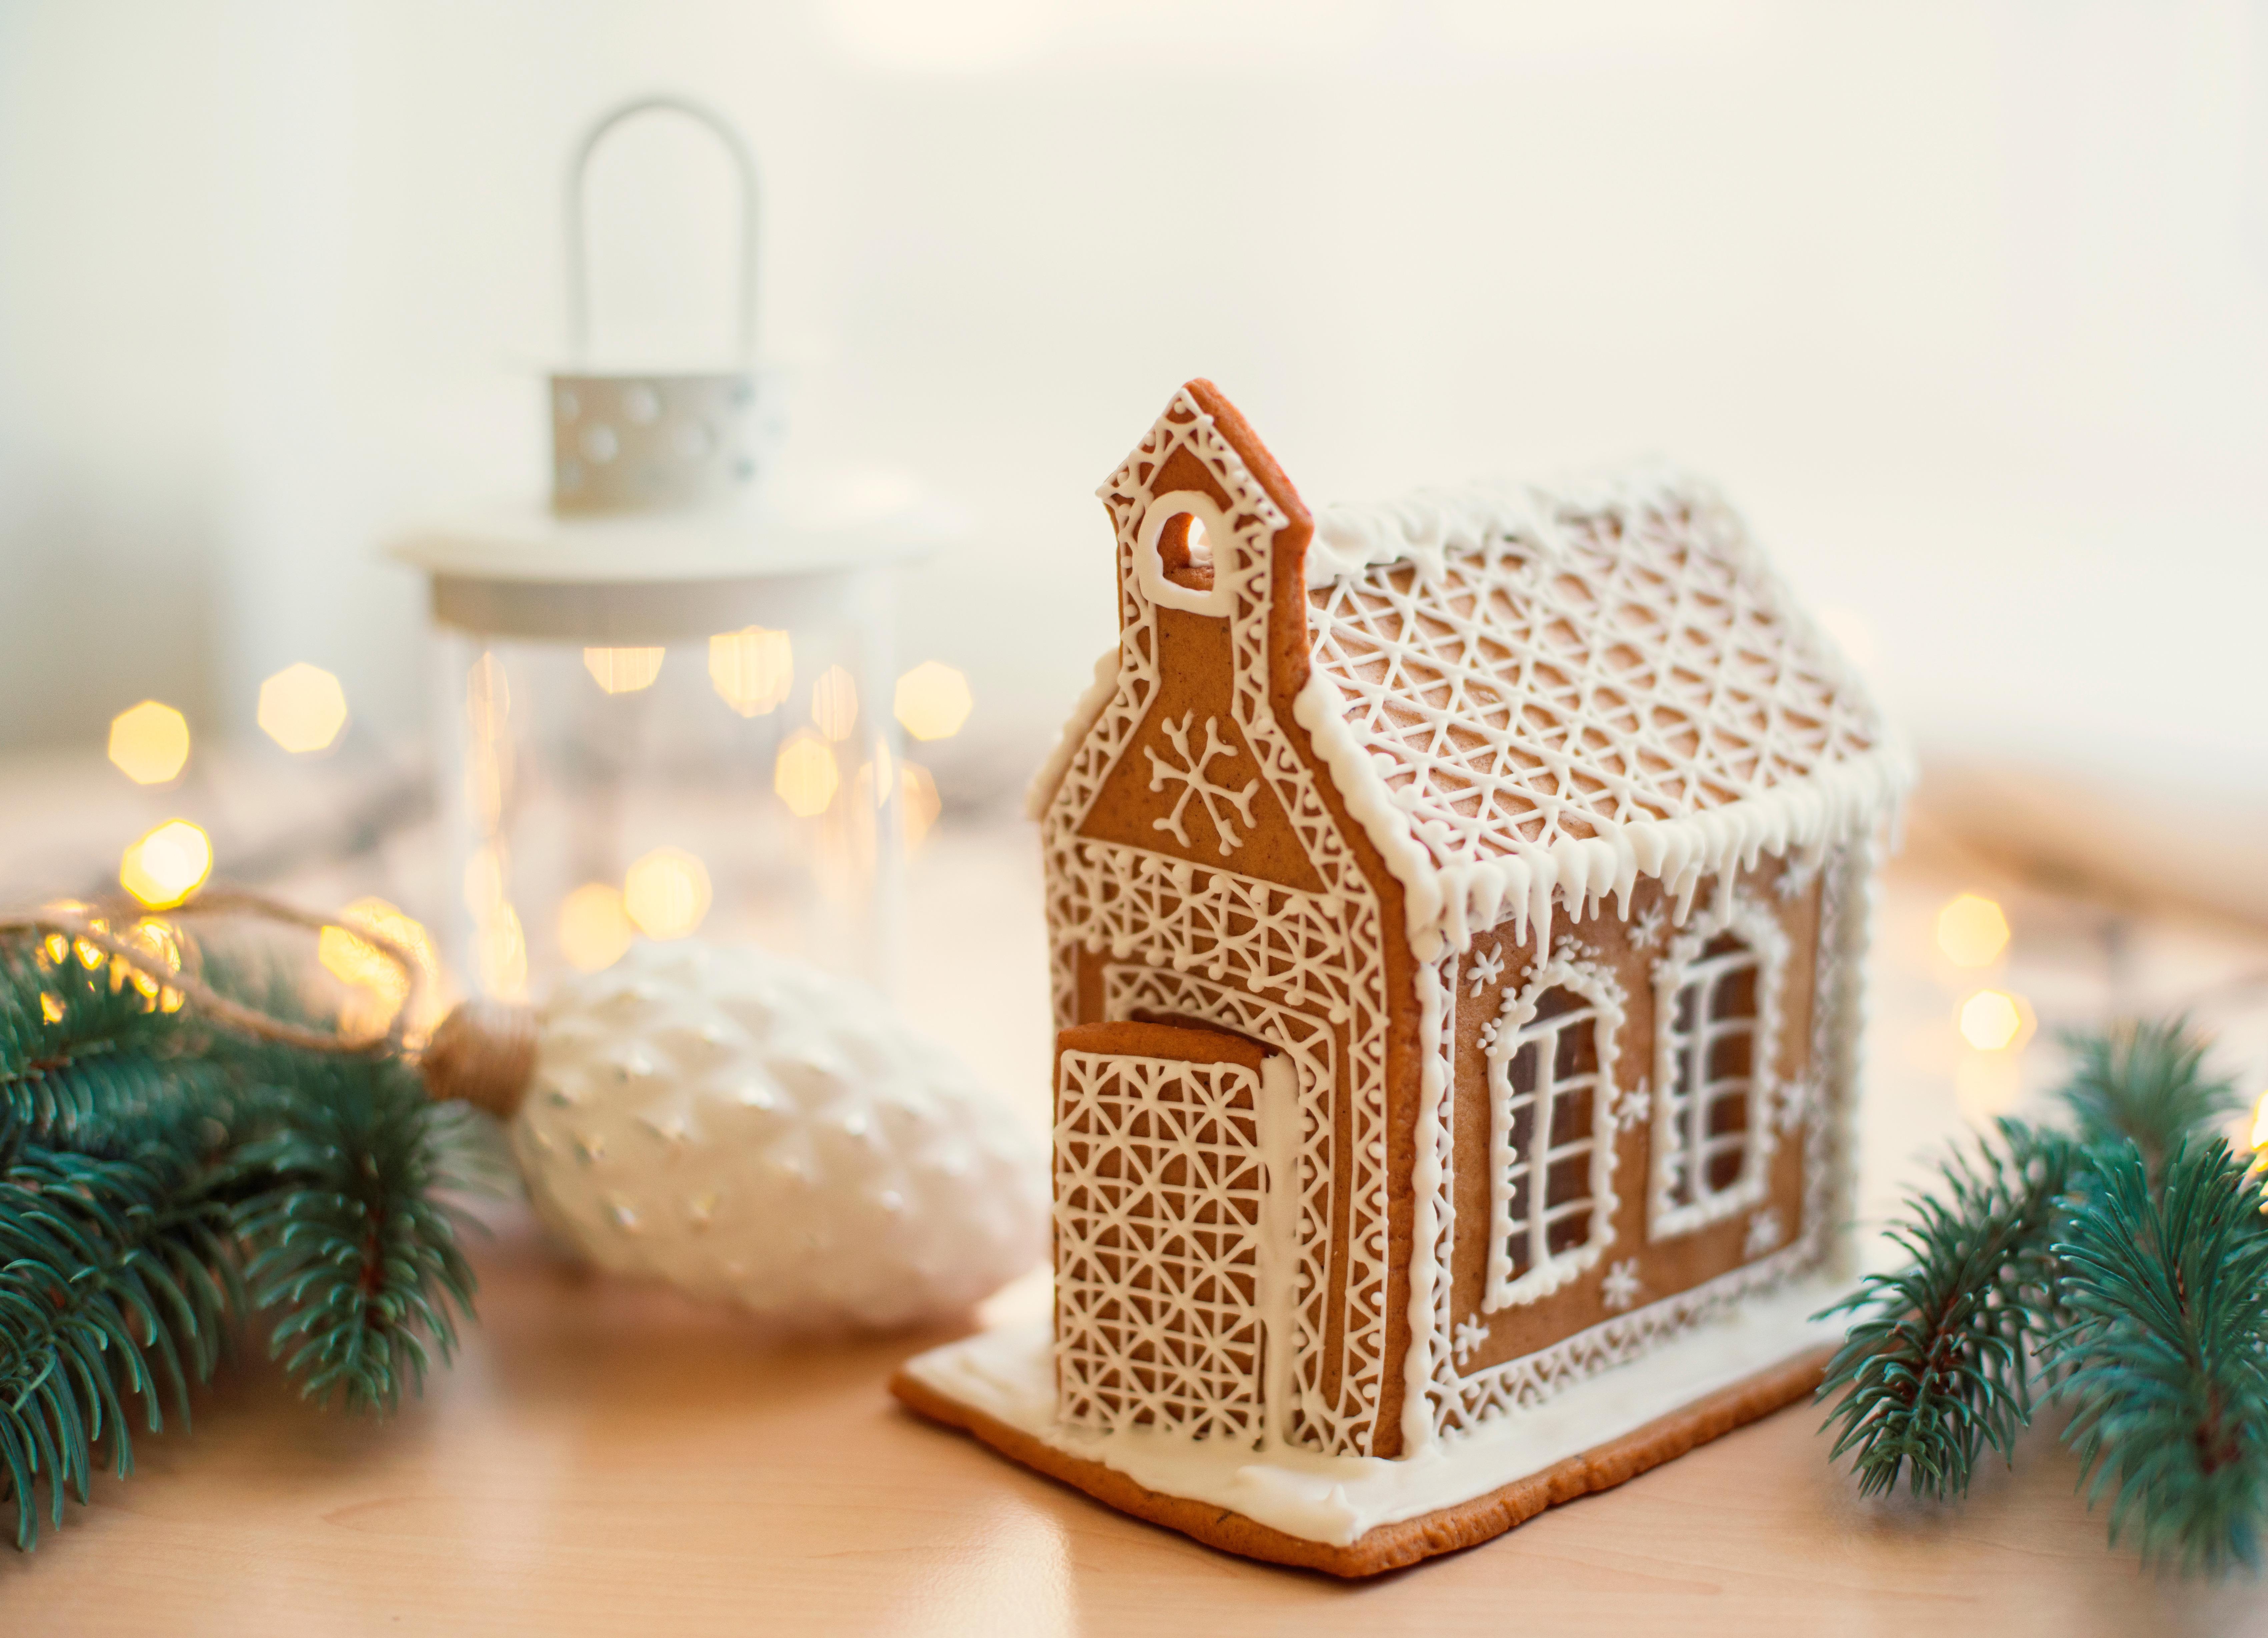 Las tradiciones navideñas se reinventan